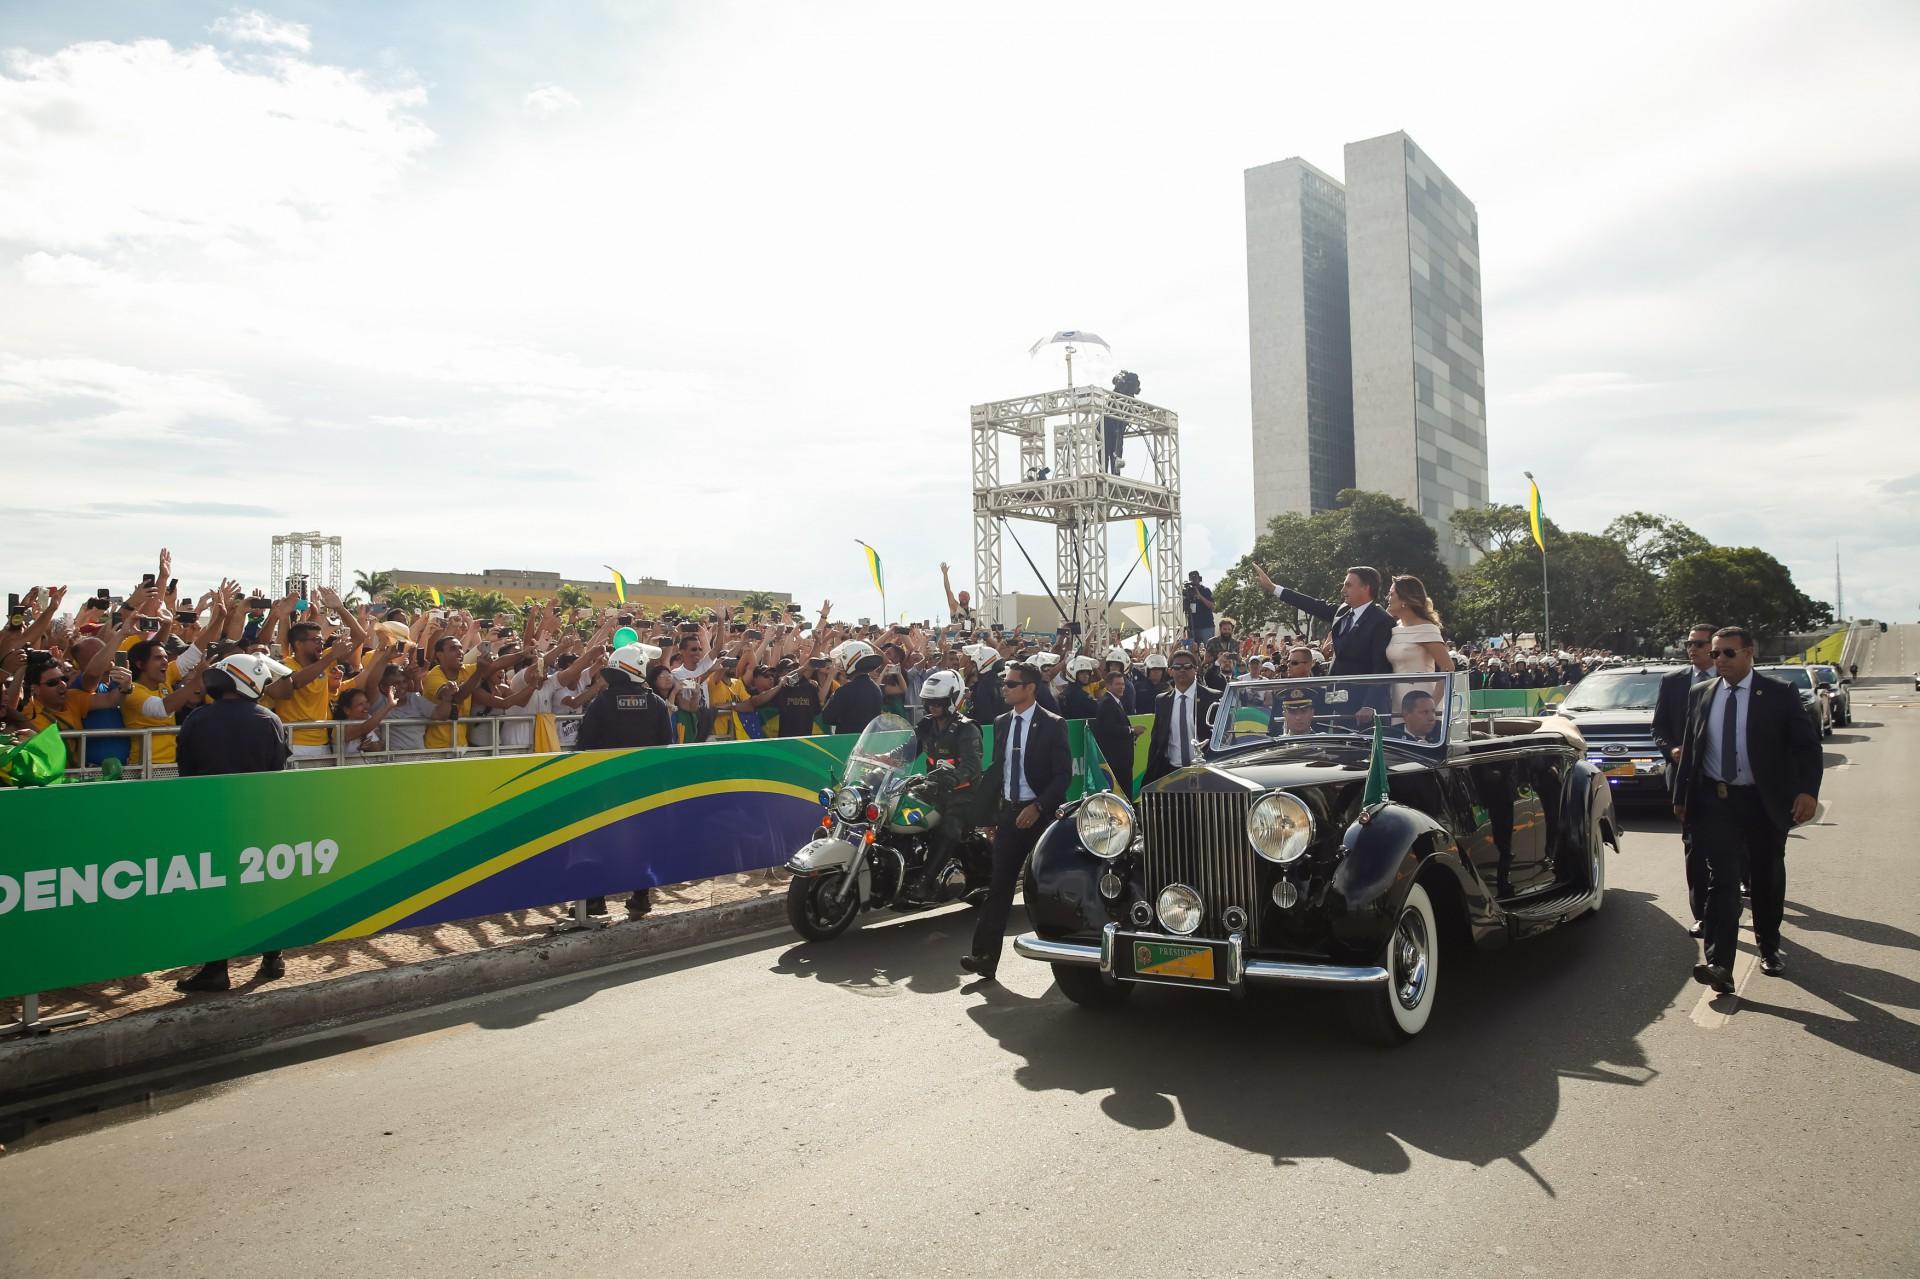 (Foto: Isac Nobrega/Presidência da República)Posse de Jair Bolsonaro em 01/01/2019. Cerimônia Oficial .Foto: Isac Nobrega/Presidência da República